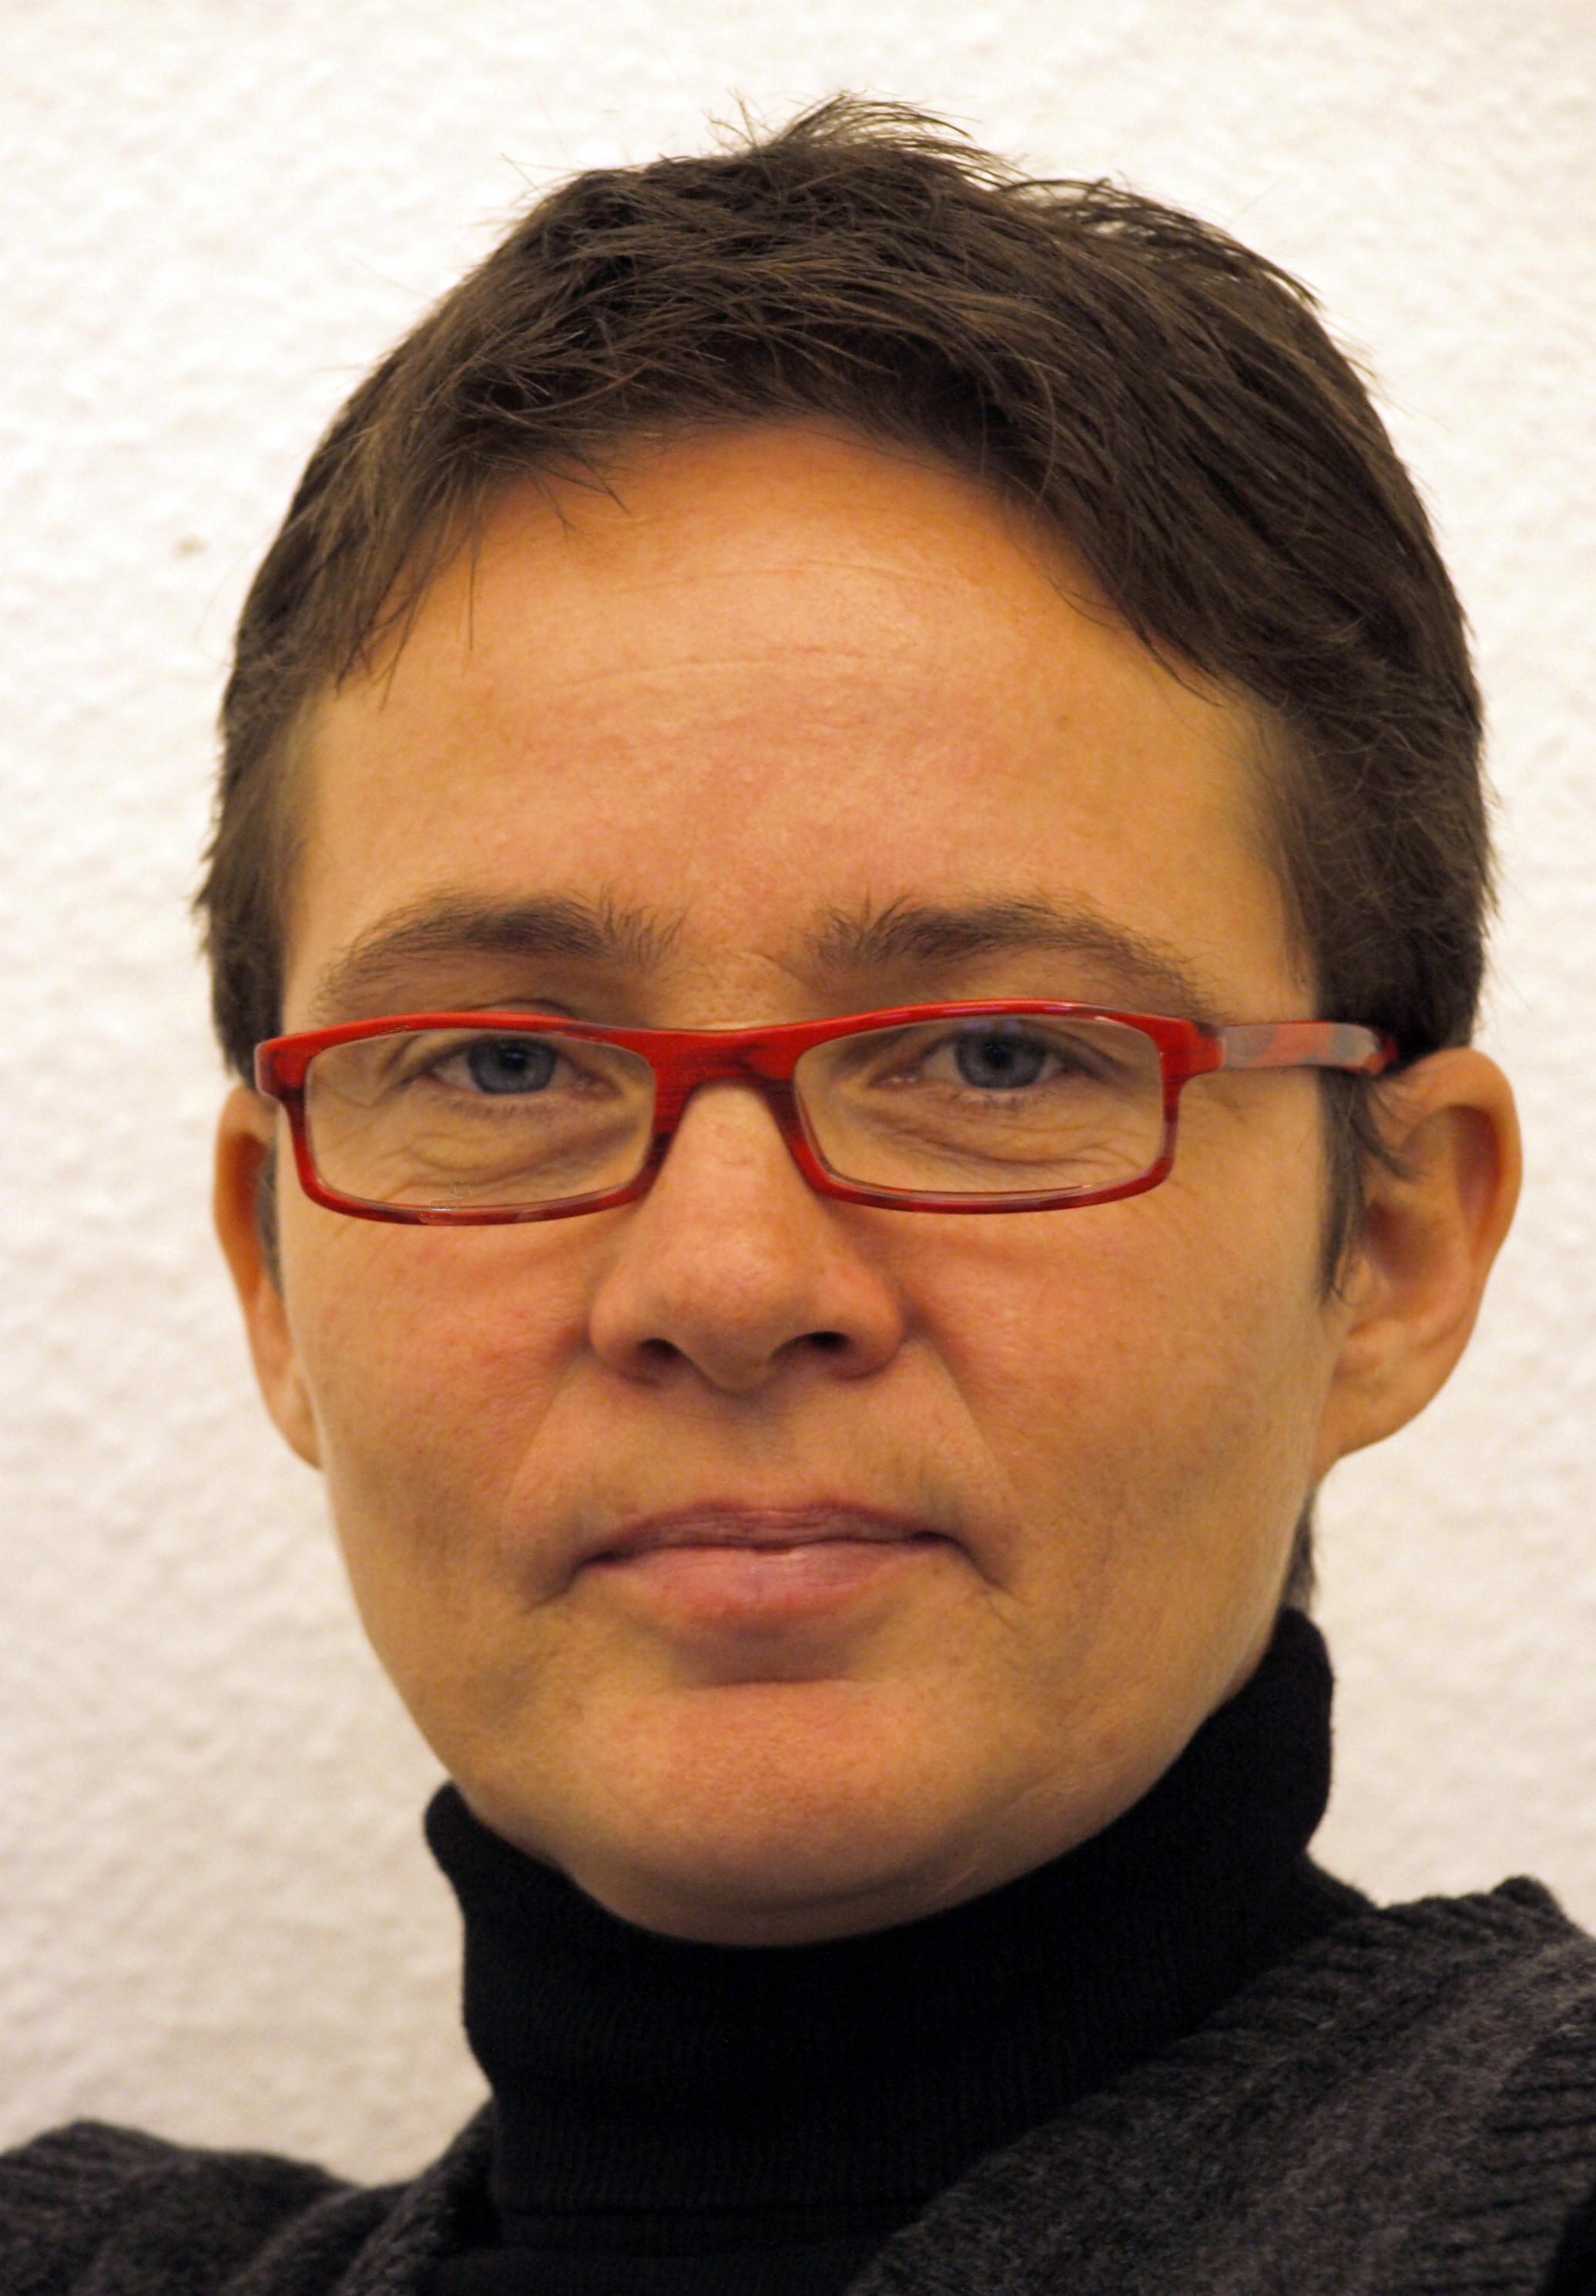 Andrea Battke